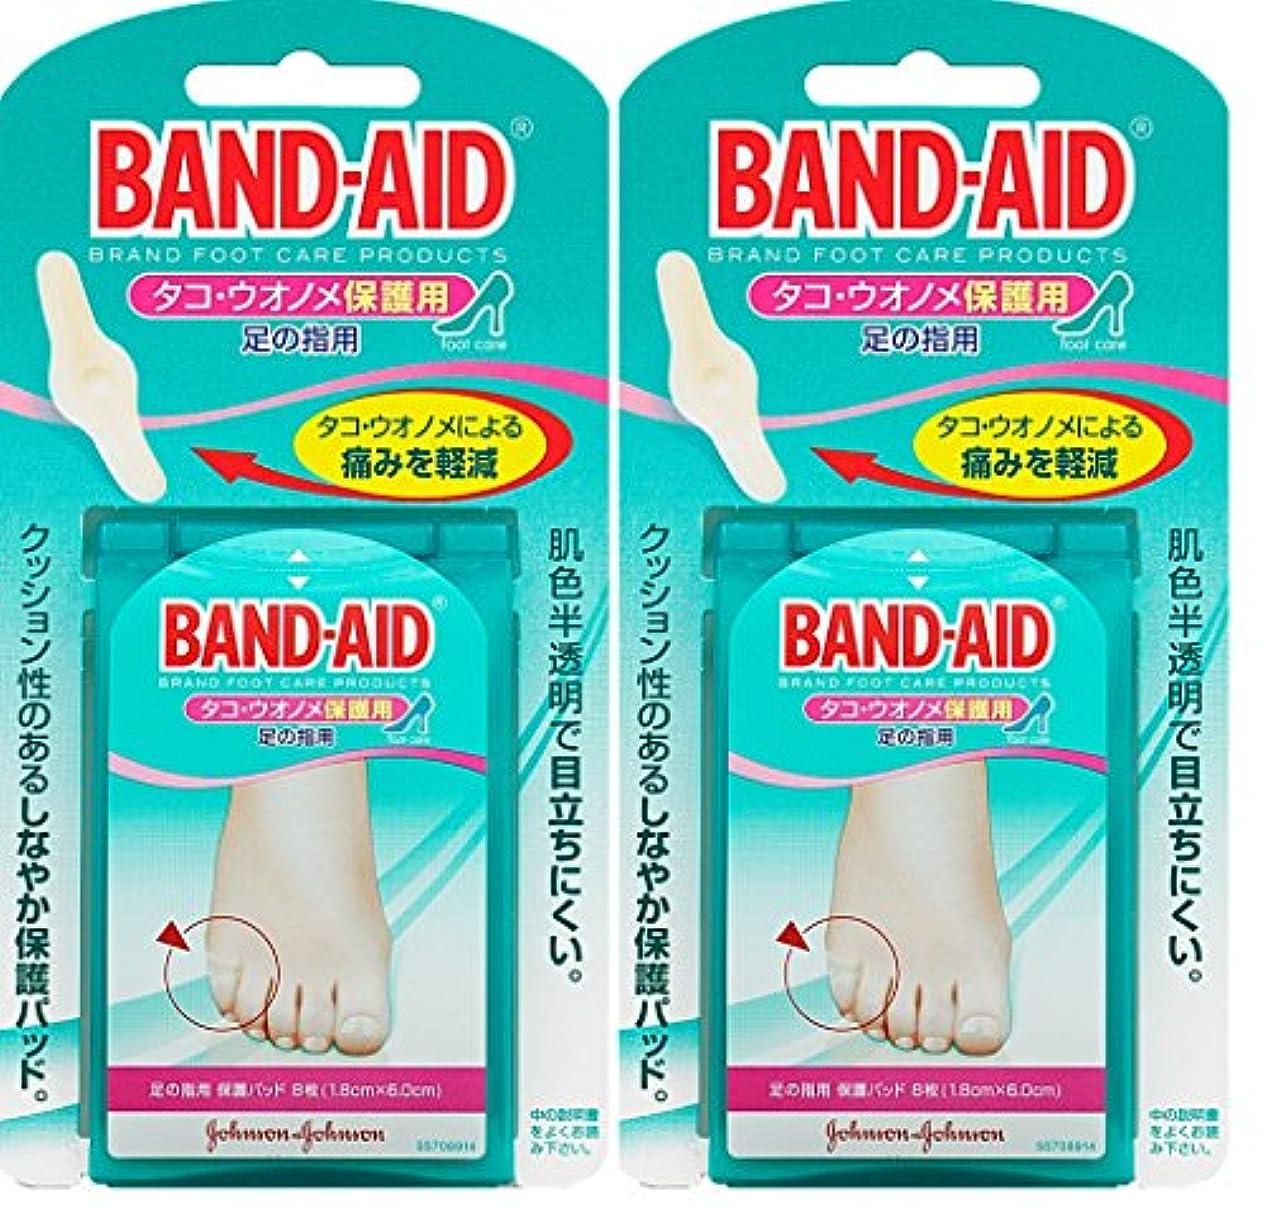 報奨金州周術期【まとめ買い】BAND-AID(バンドエイド) タコ?ウオノメ保護用 足の指用 8枚×2個